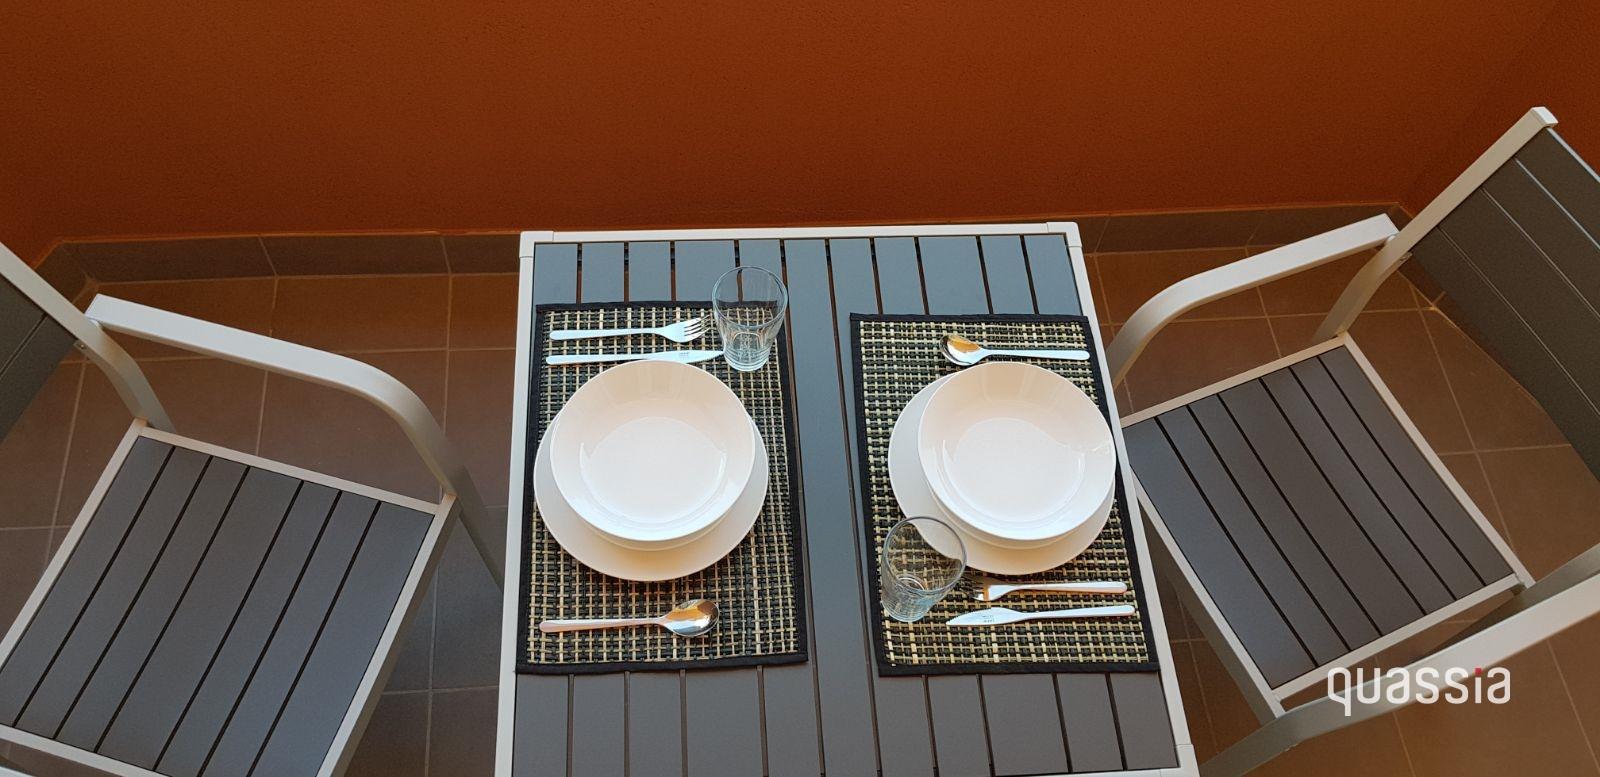 Reforma apartamento Fuengirola por Quassia (1)